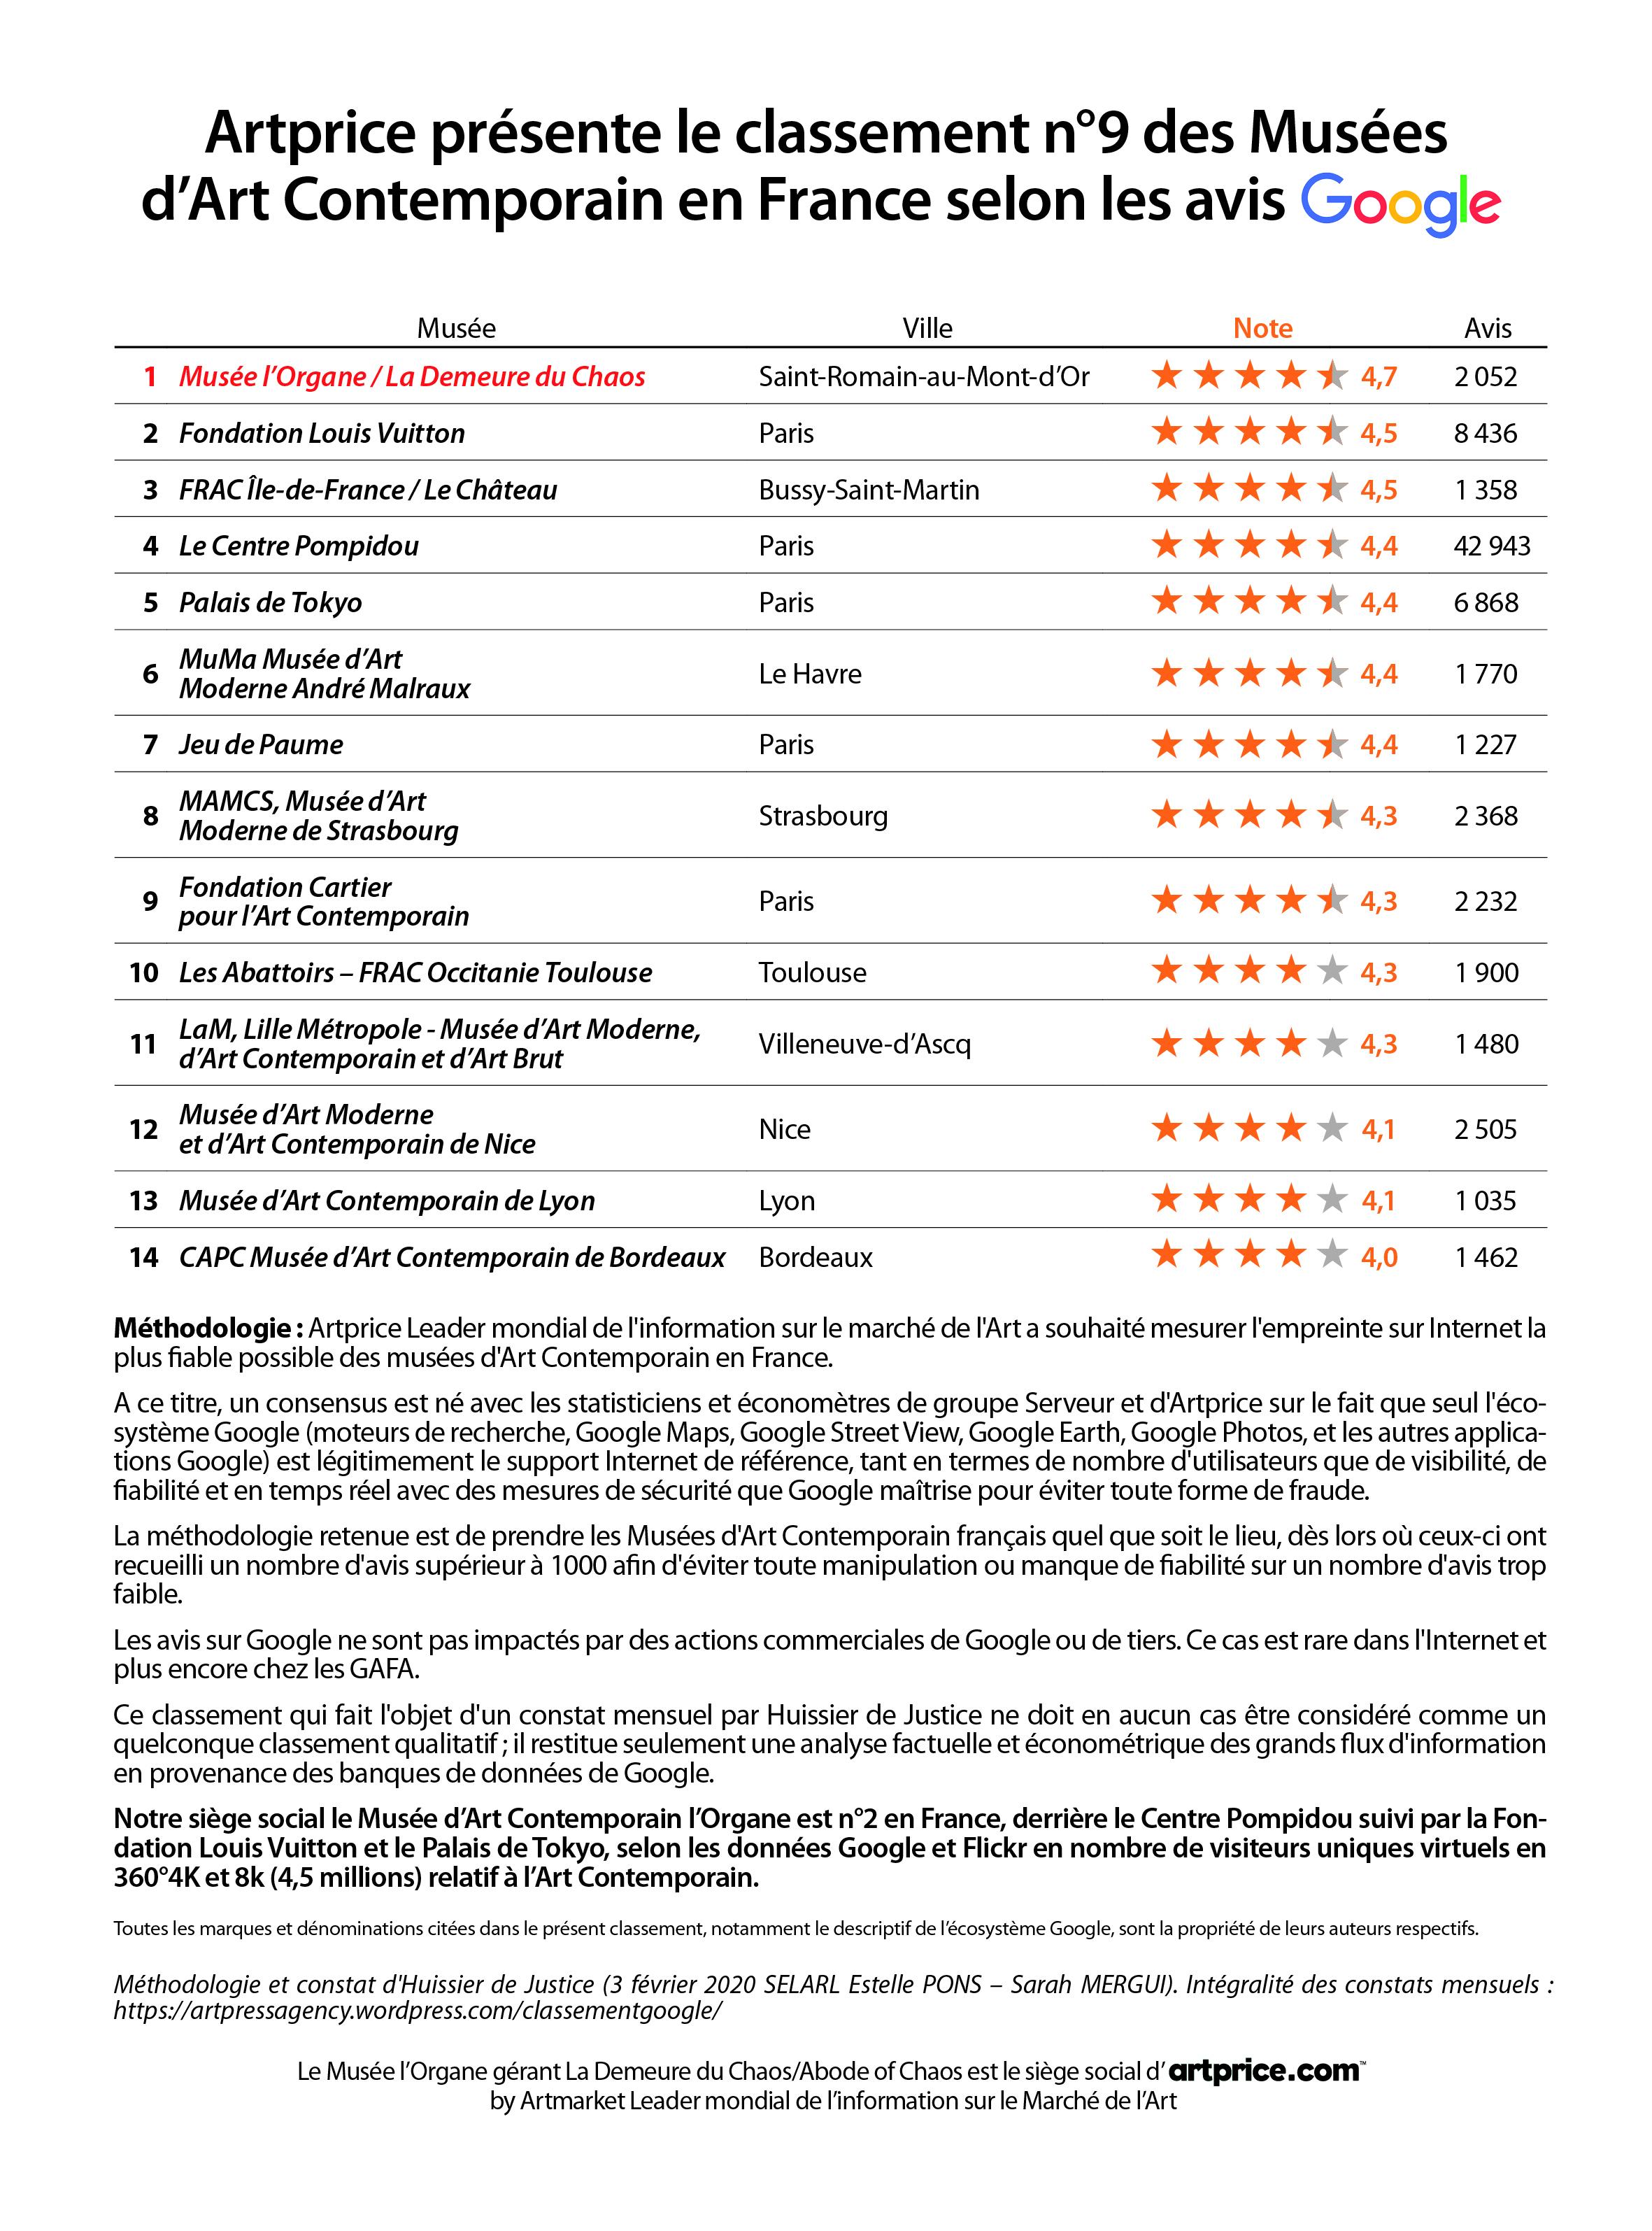 Artprice présente le classement n°9 des Musées d'Art Contemporain en France selon les avis Google